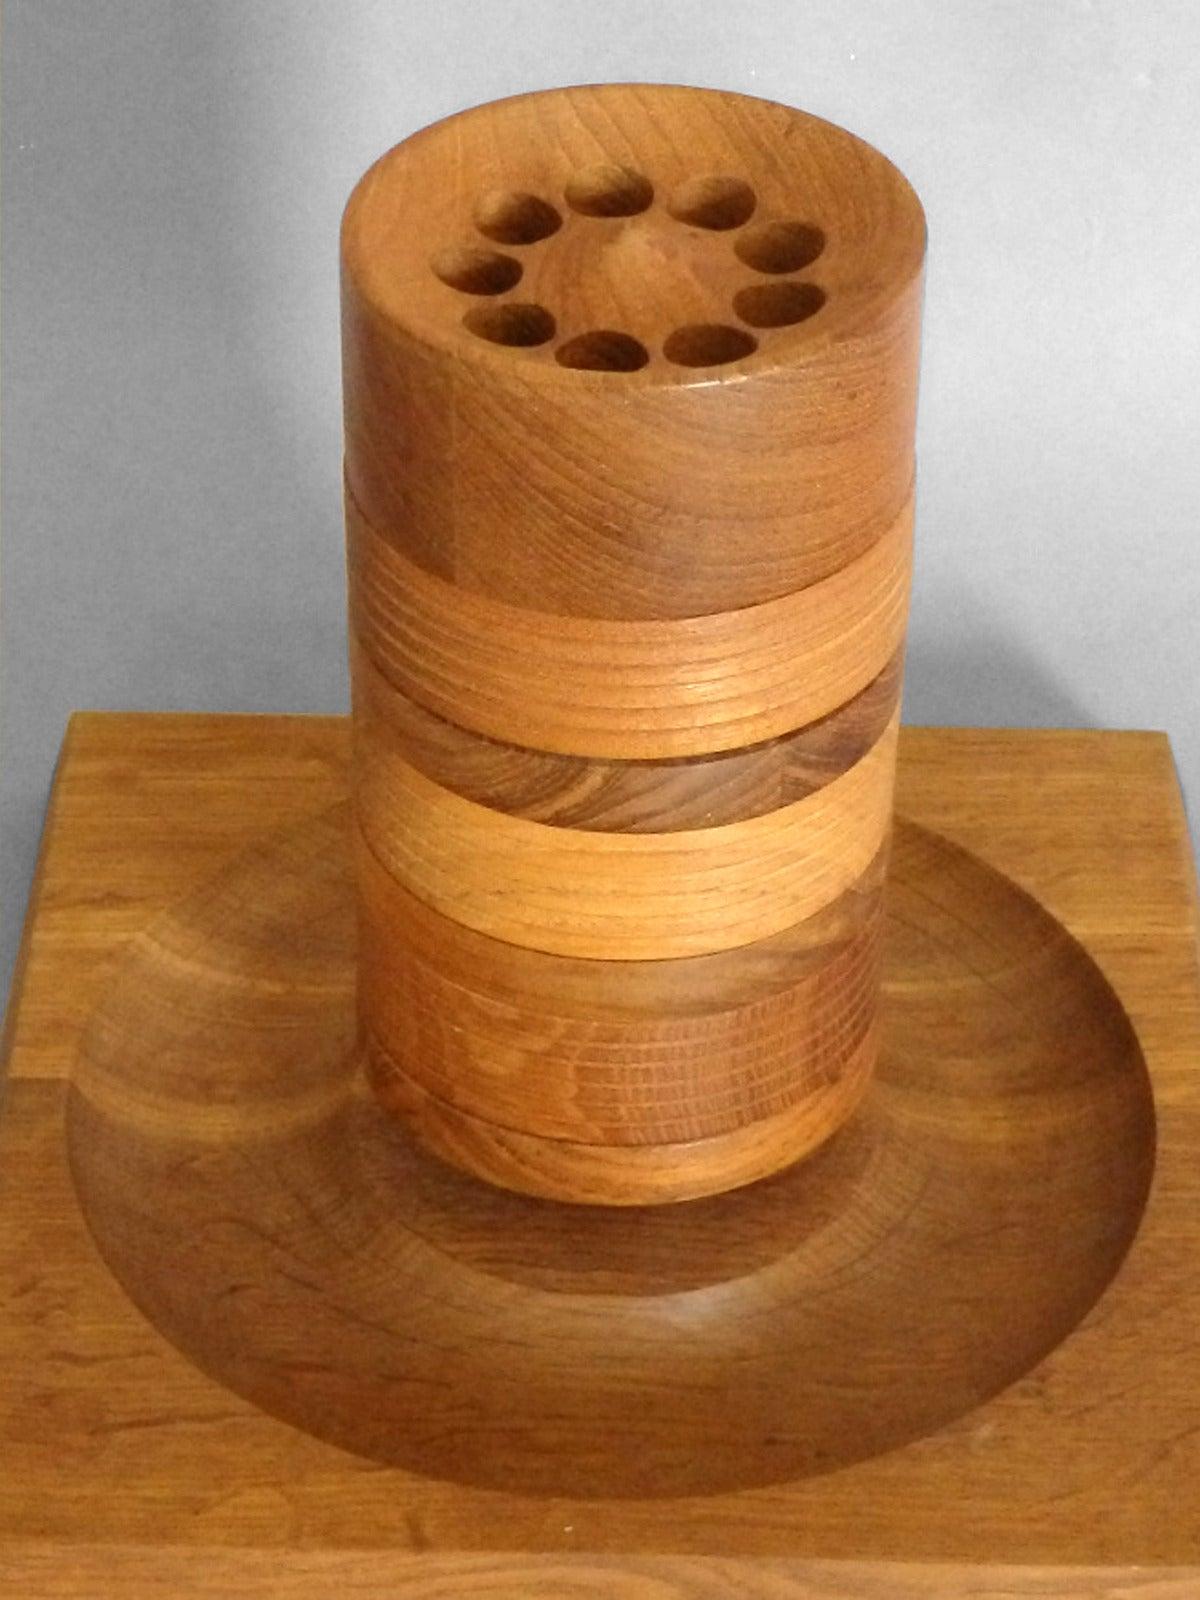 Mid-Century Modern Turned Wood Danish Teak Tower Game by Skjode Skjern For Sale